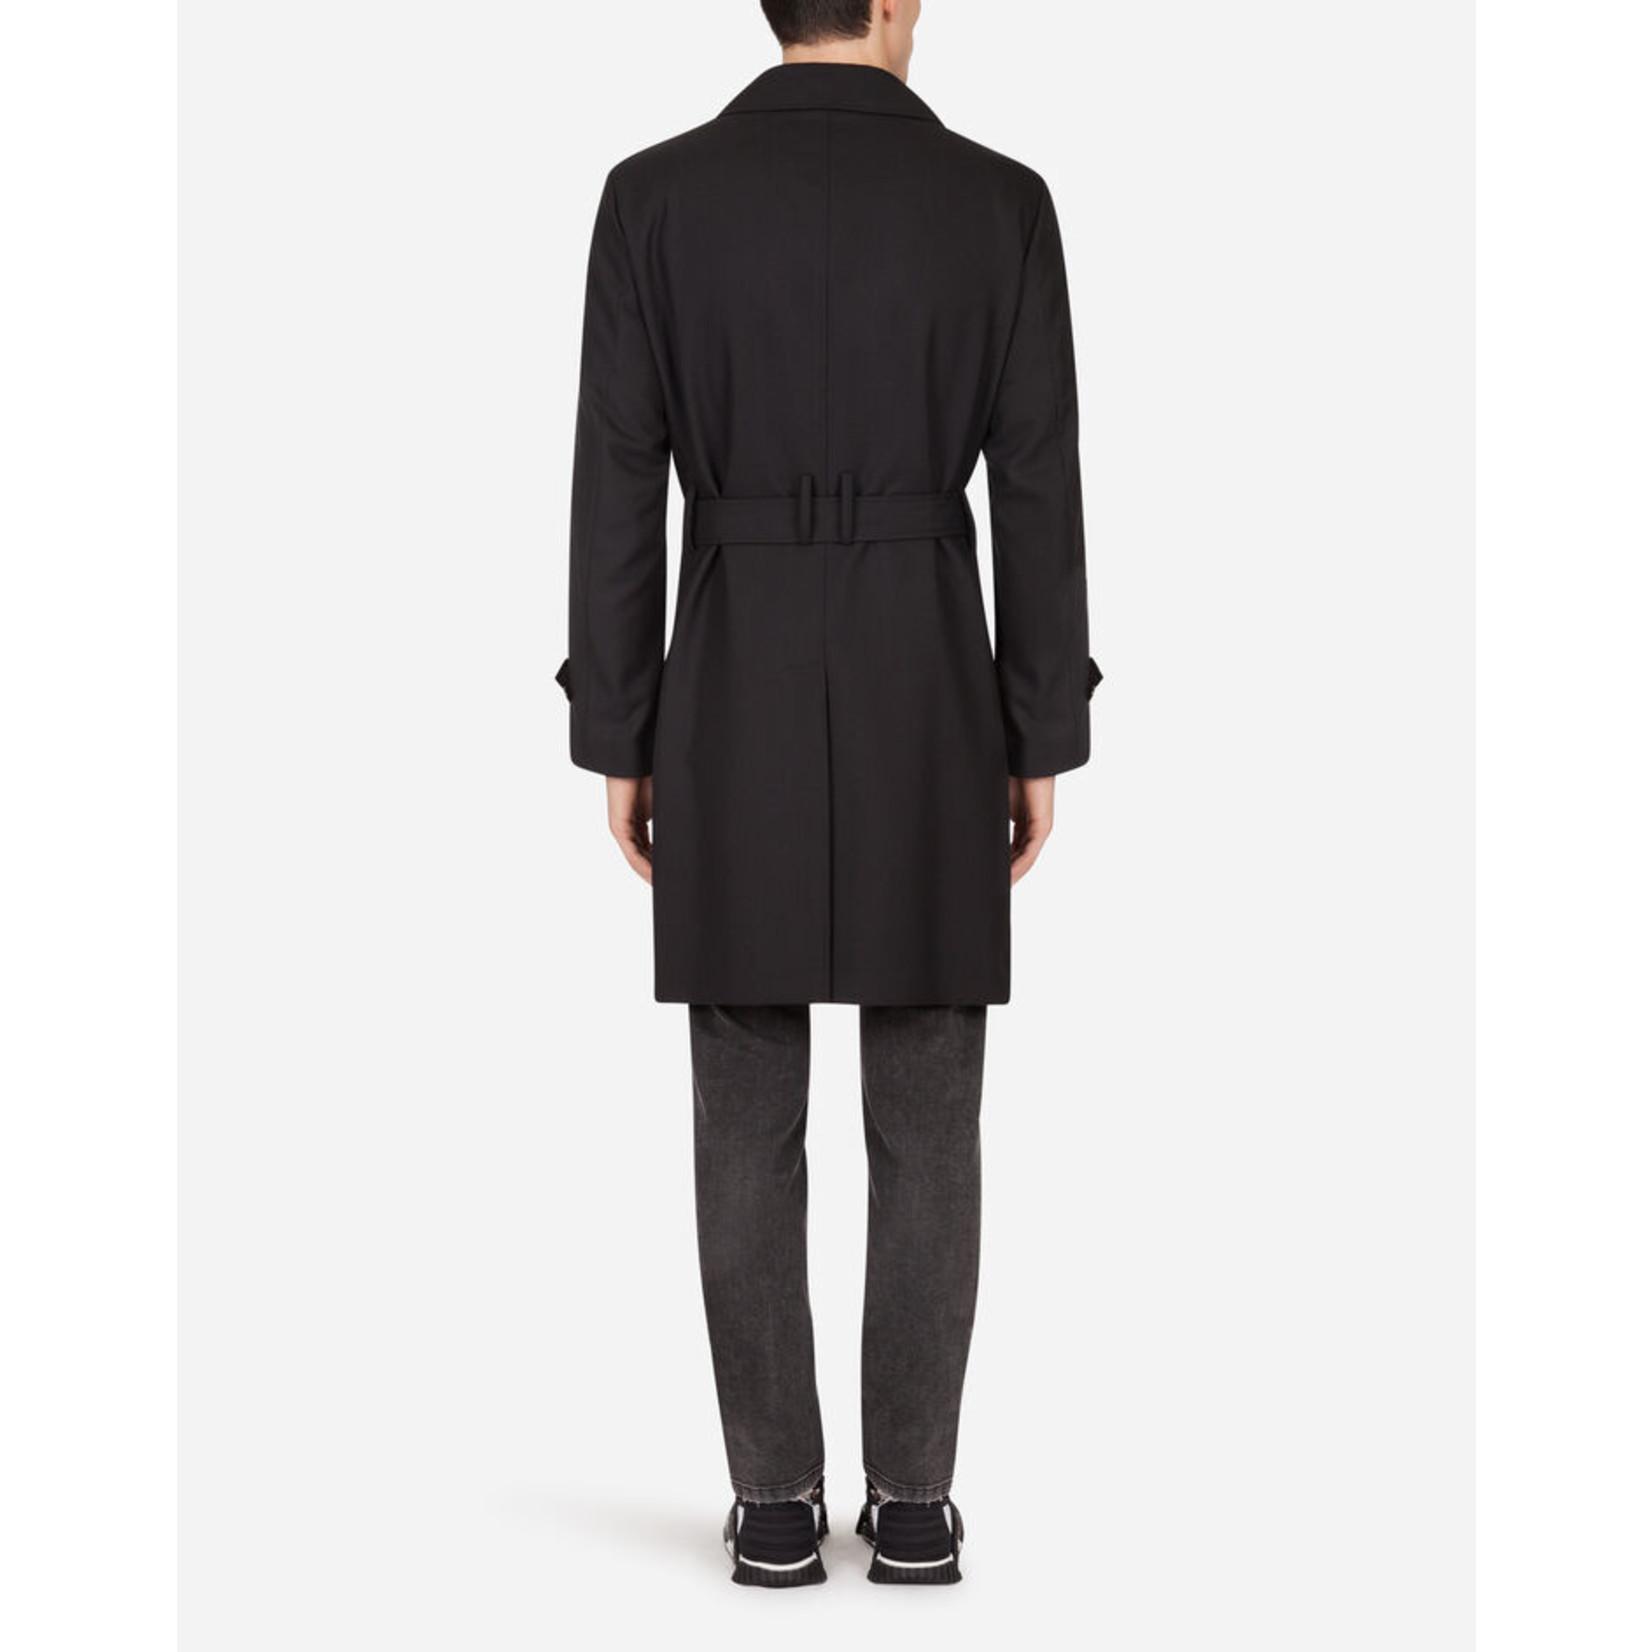 Dolce&Gabbana Mantel 42648